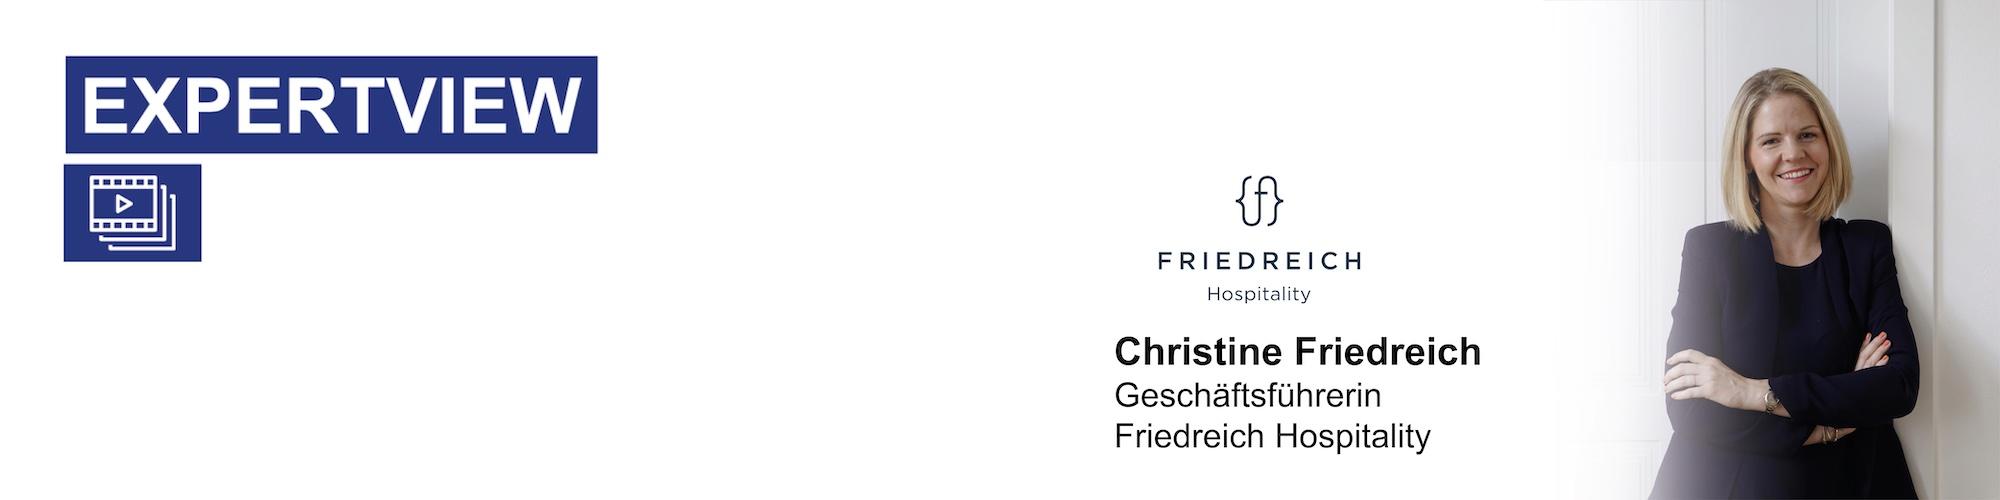 header_friedreich